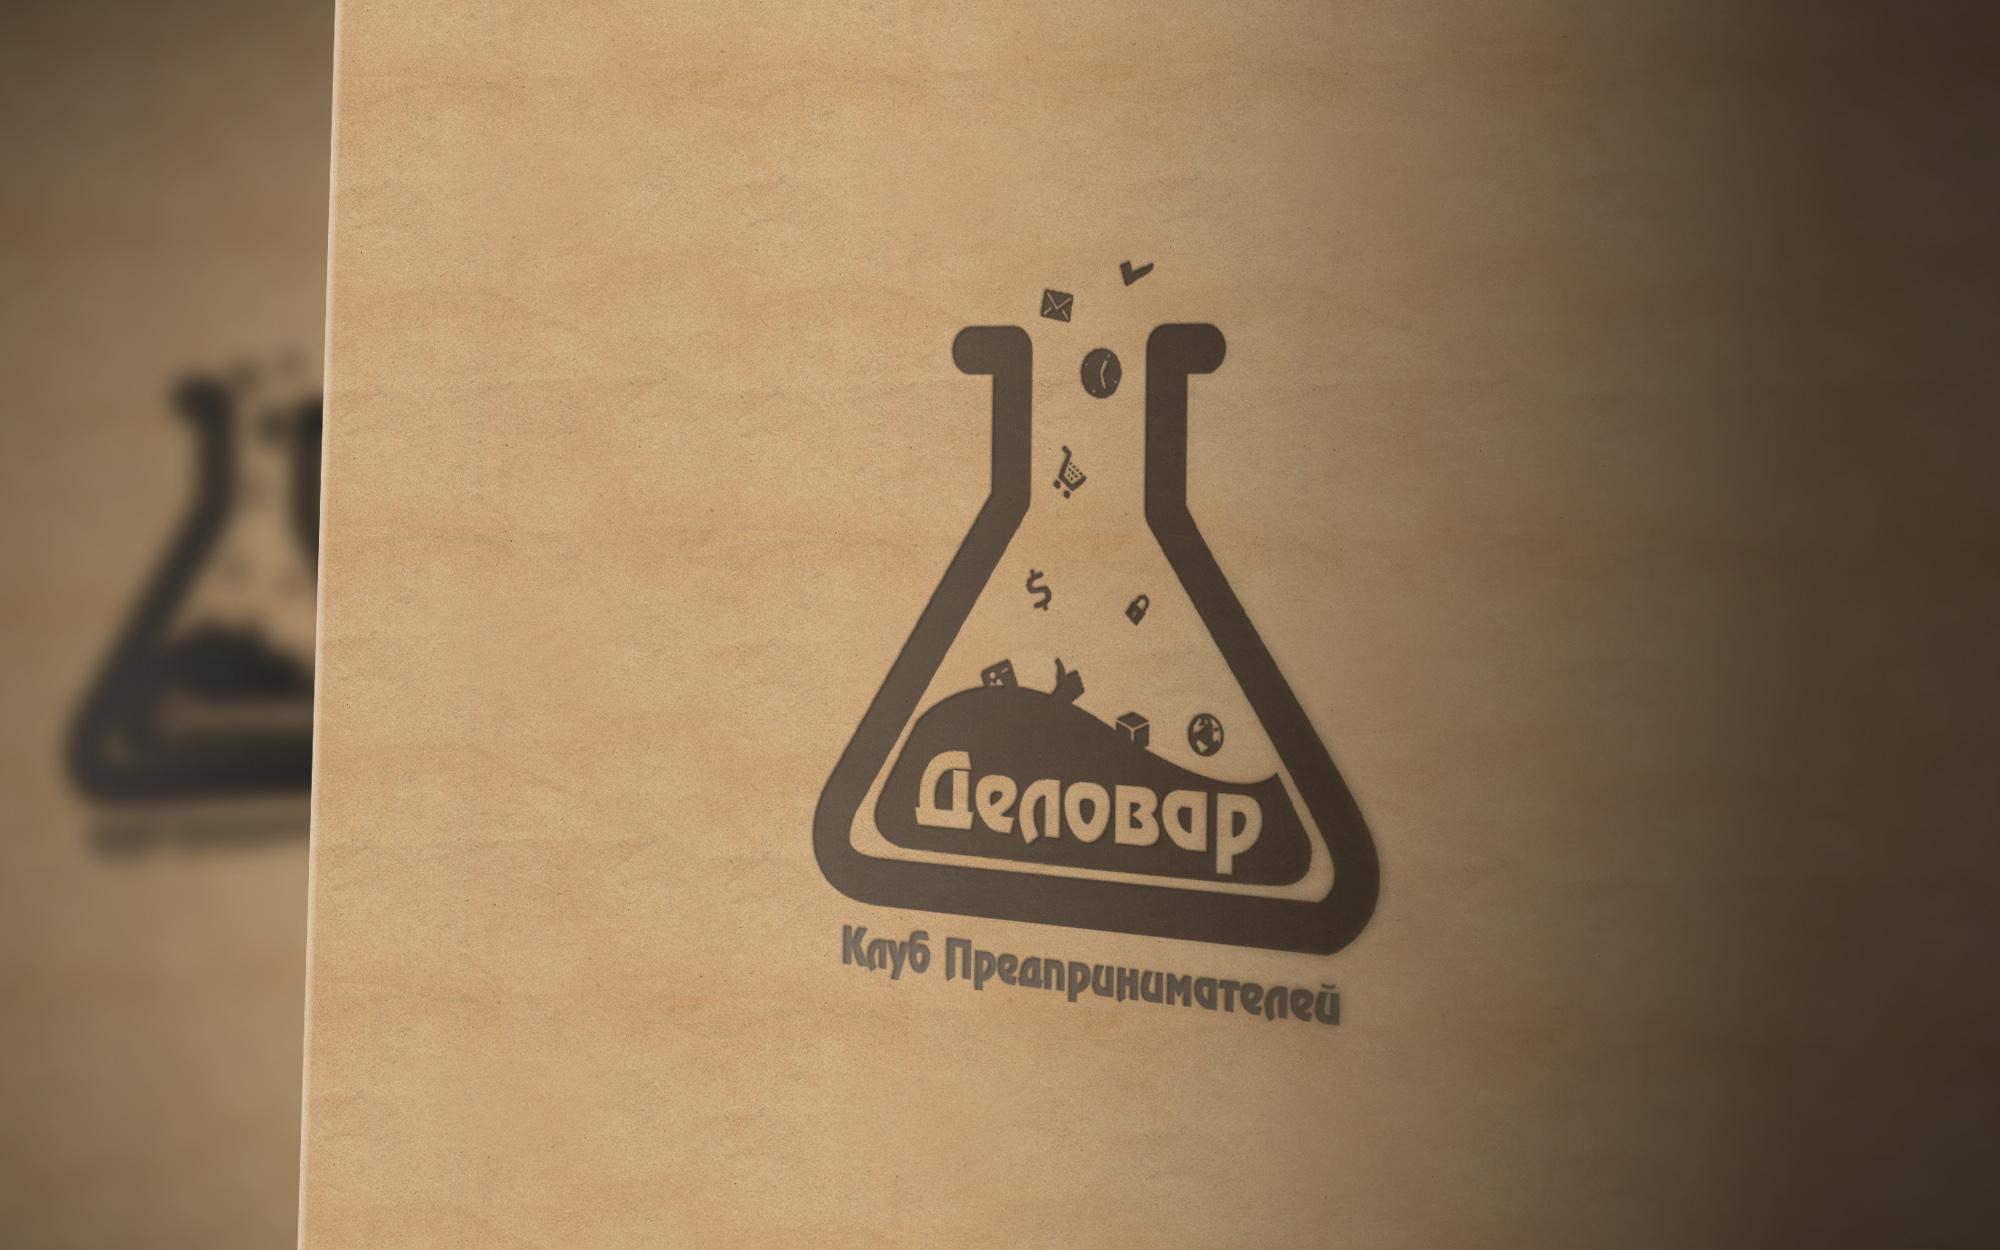 """Логотип и фирм. стиль для Клуба предпринимателей """"Деловар"""" фото f_5044c6166785b.jpg"""